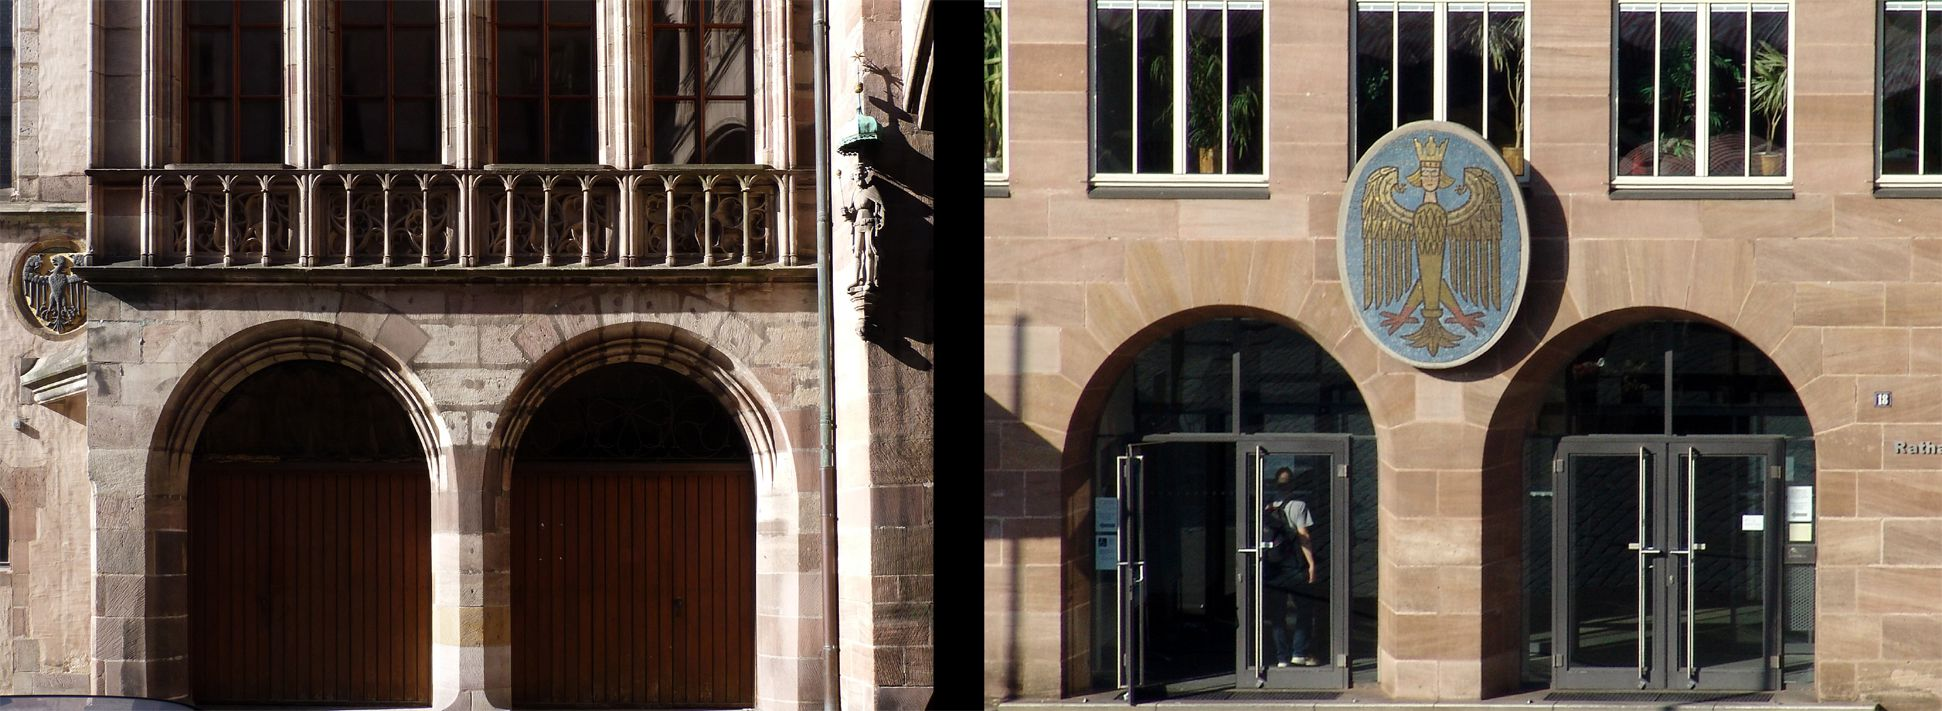 Zwillingsportale von der Ratsstube und dem Neuen Rathaus Vergleich